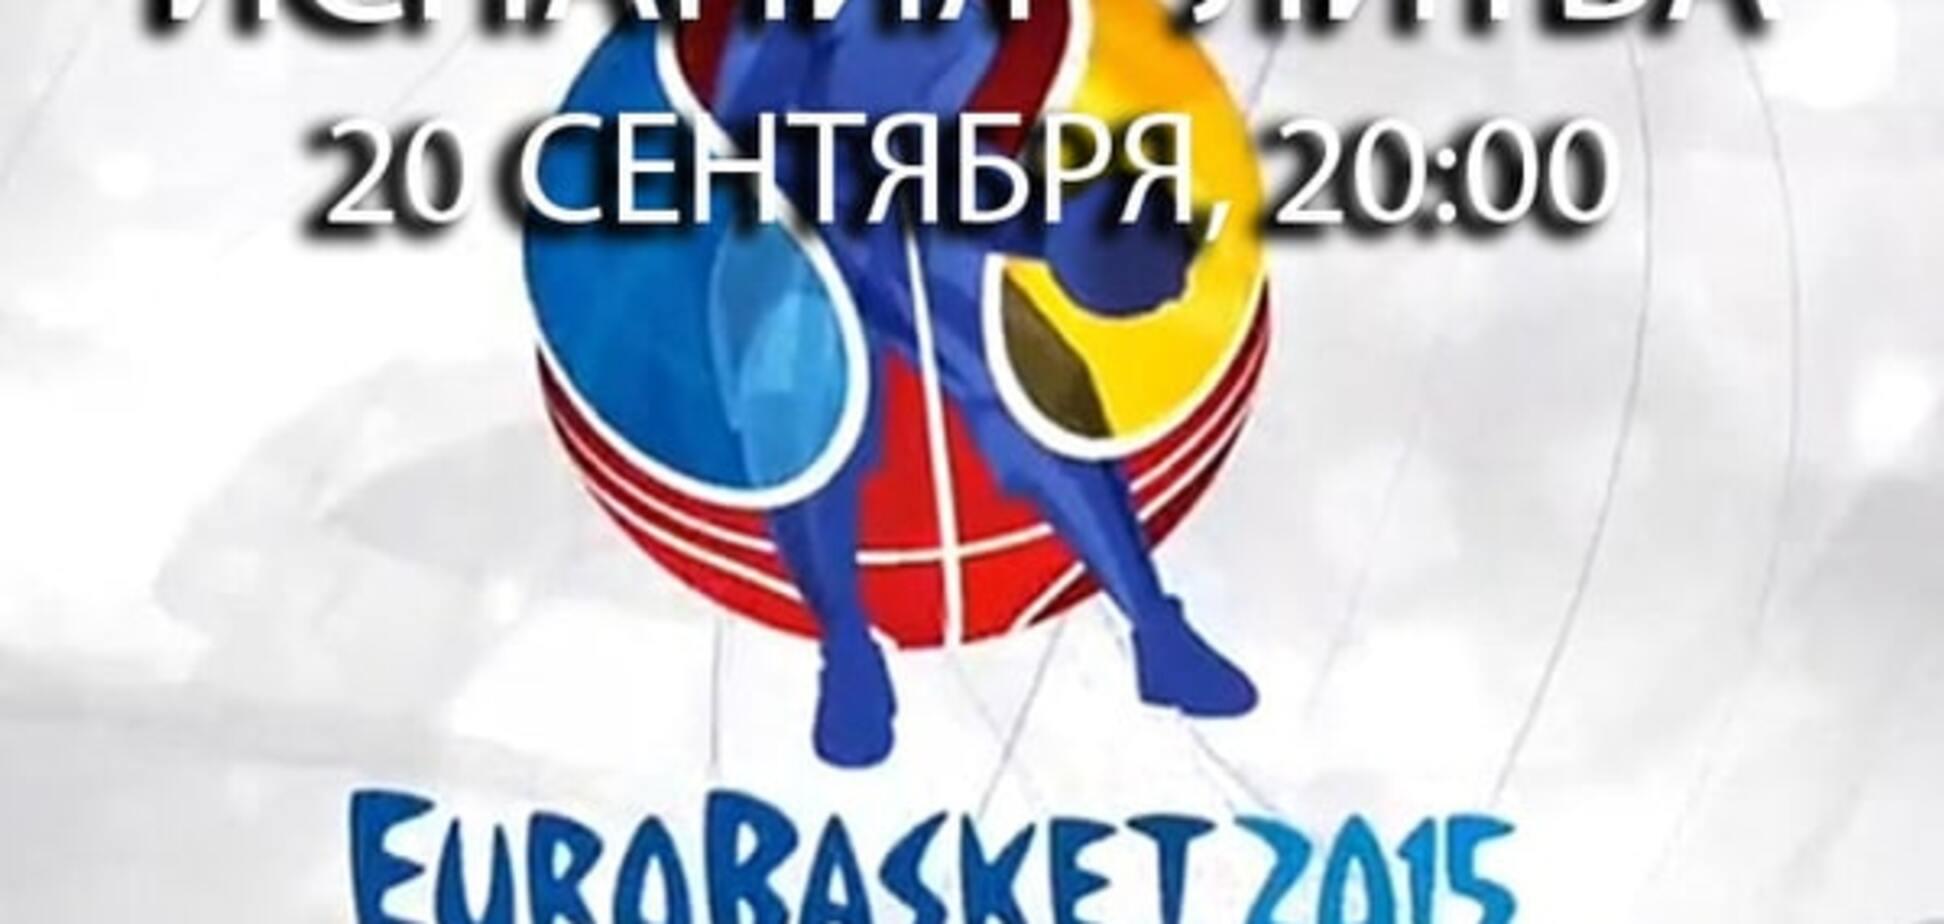 Испания - Литва: анонс, прогноз, где смотреть финальный матч Евробаскета-2015